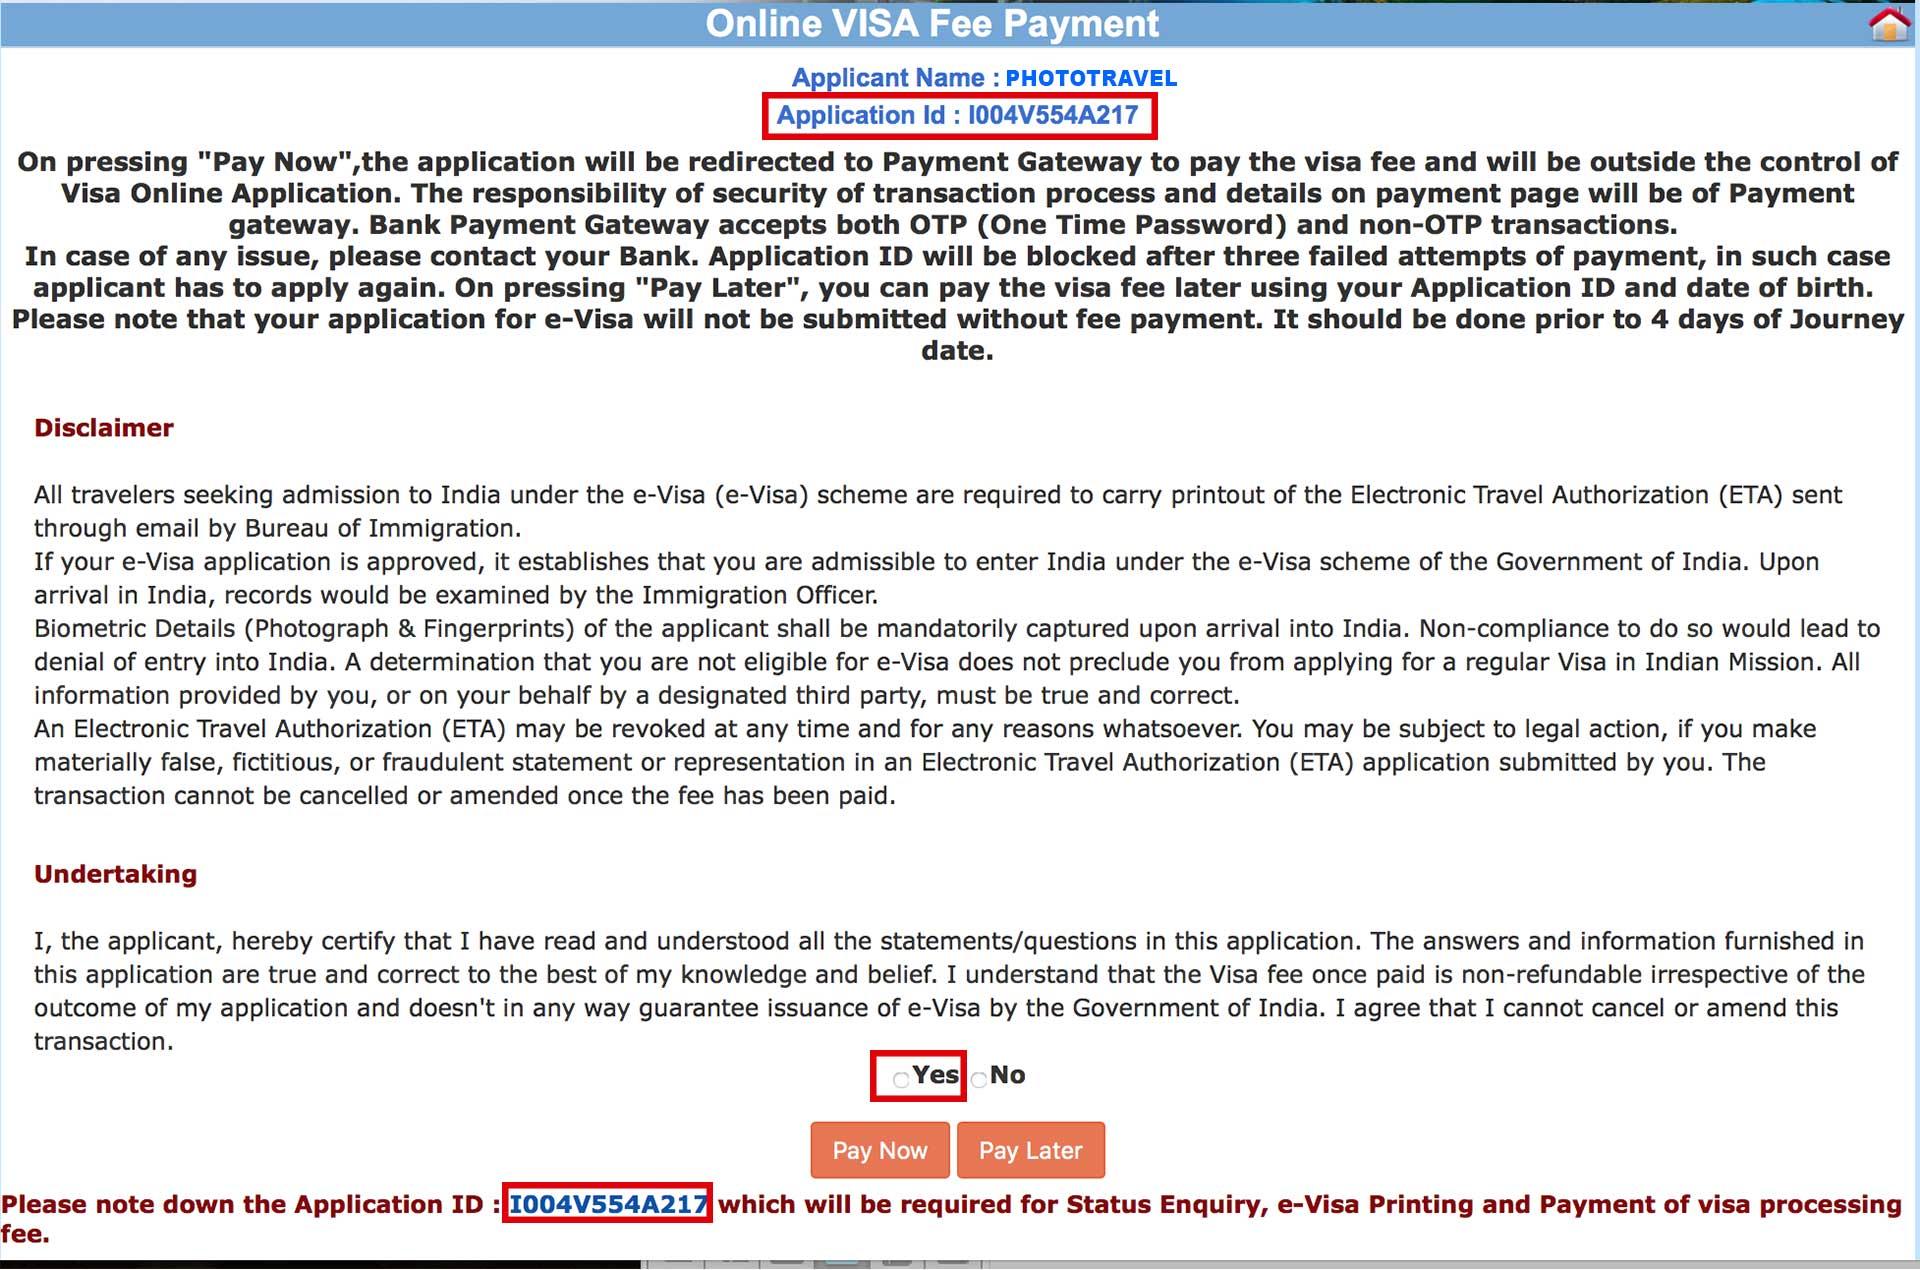 Visado a India online (e-visa) de forma fácil, paso a paso, PhotoTravel